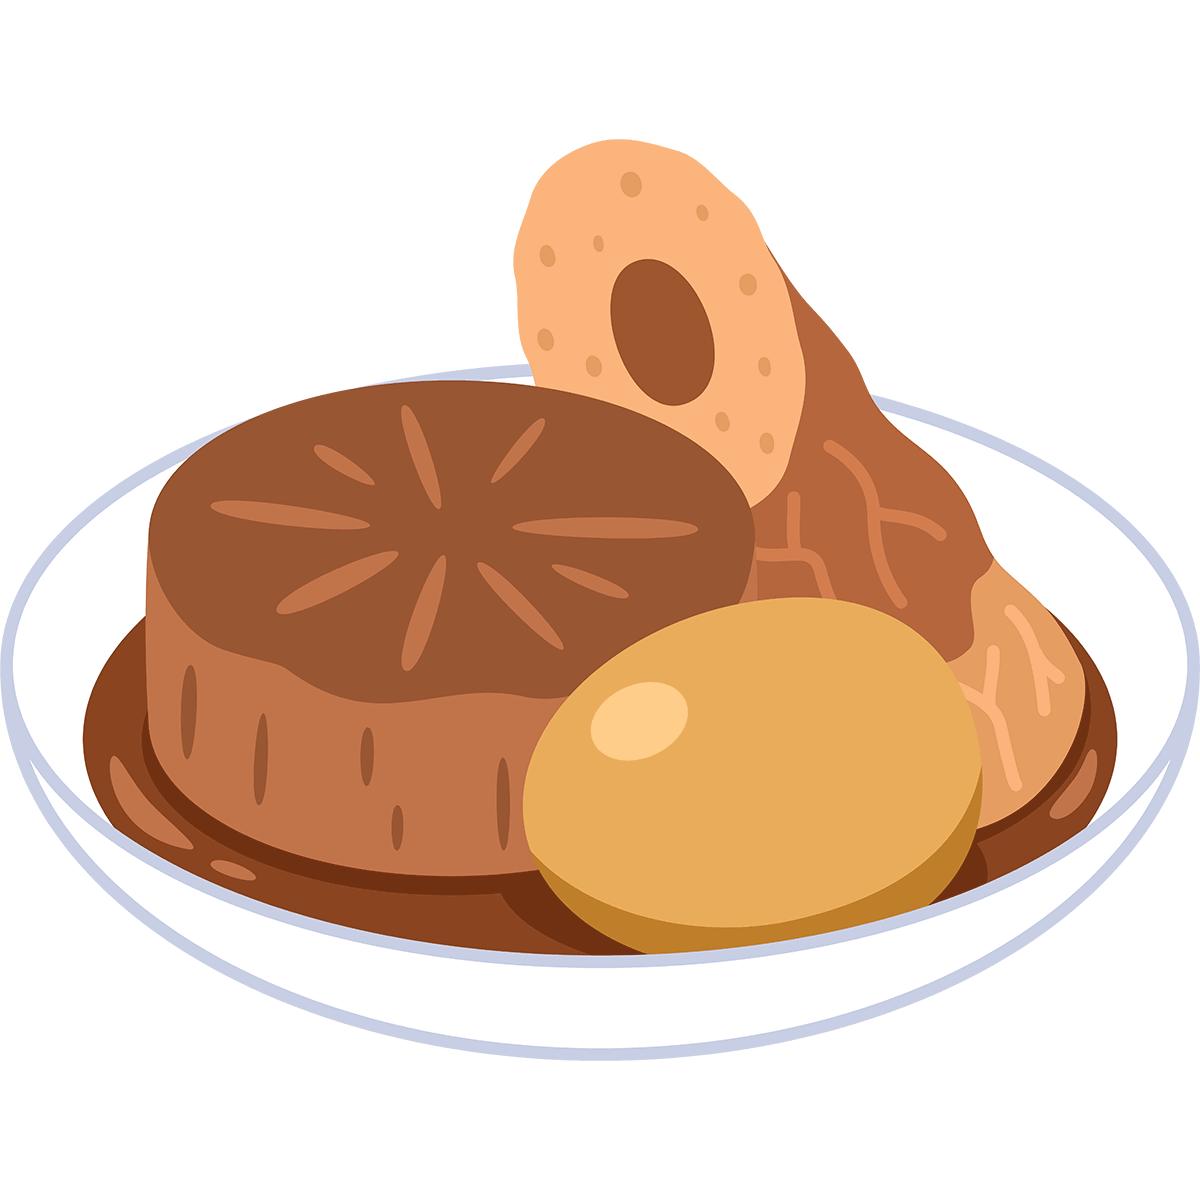 味噌おでんの無料イラスト